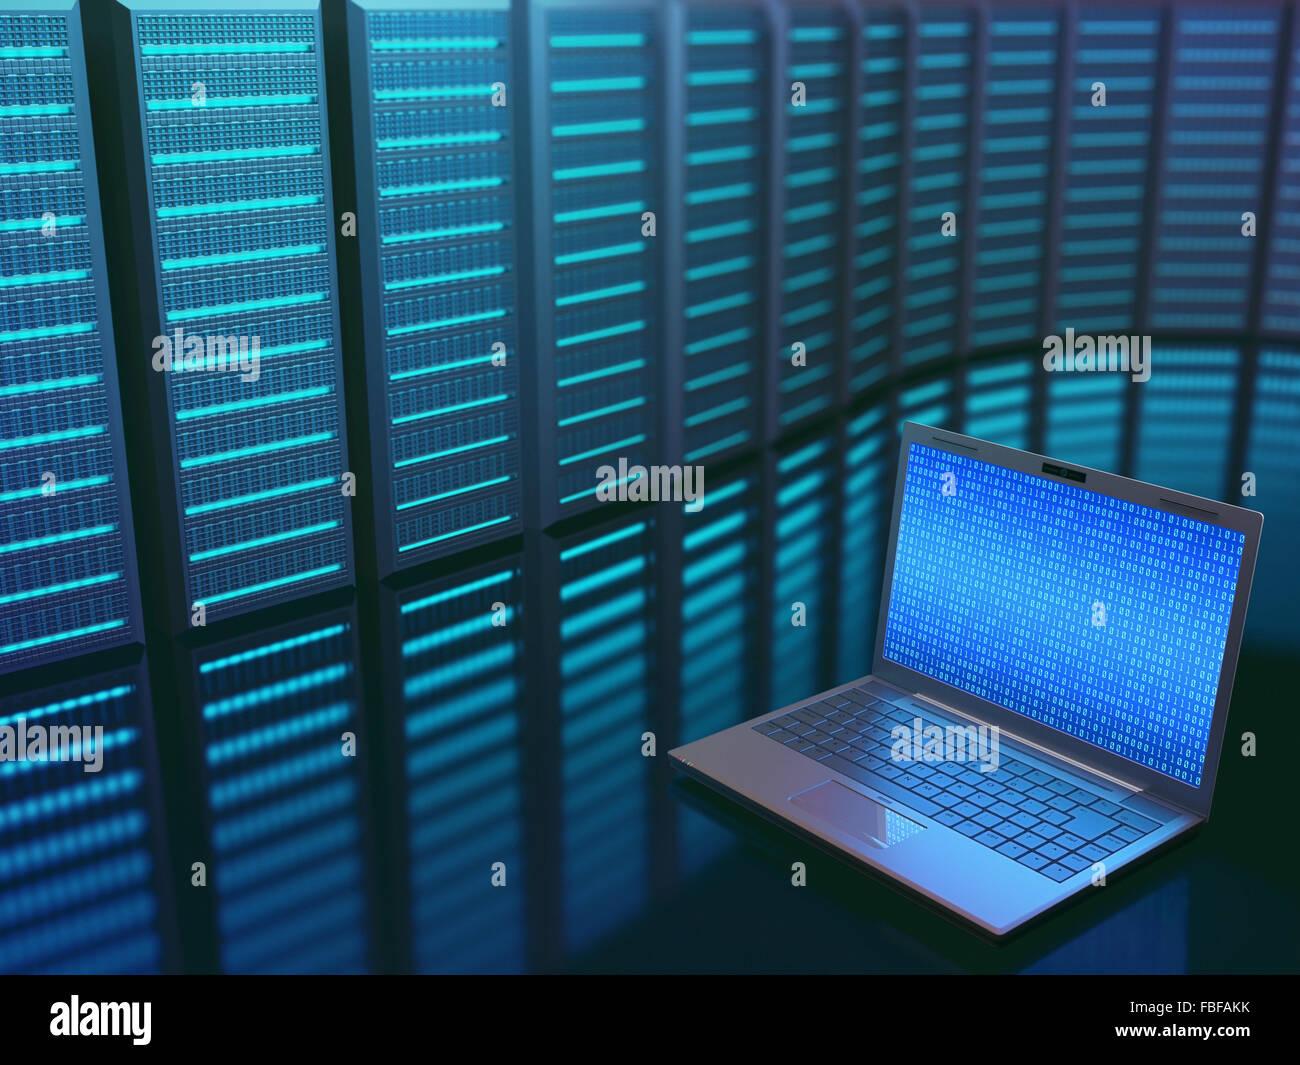 Bild-Konzept von Technik und Wissenschaft von digitalen Informationen. Ein Laptop vor mehreren Servern mit Binärzahlen Stockbild